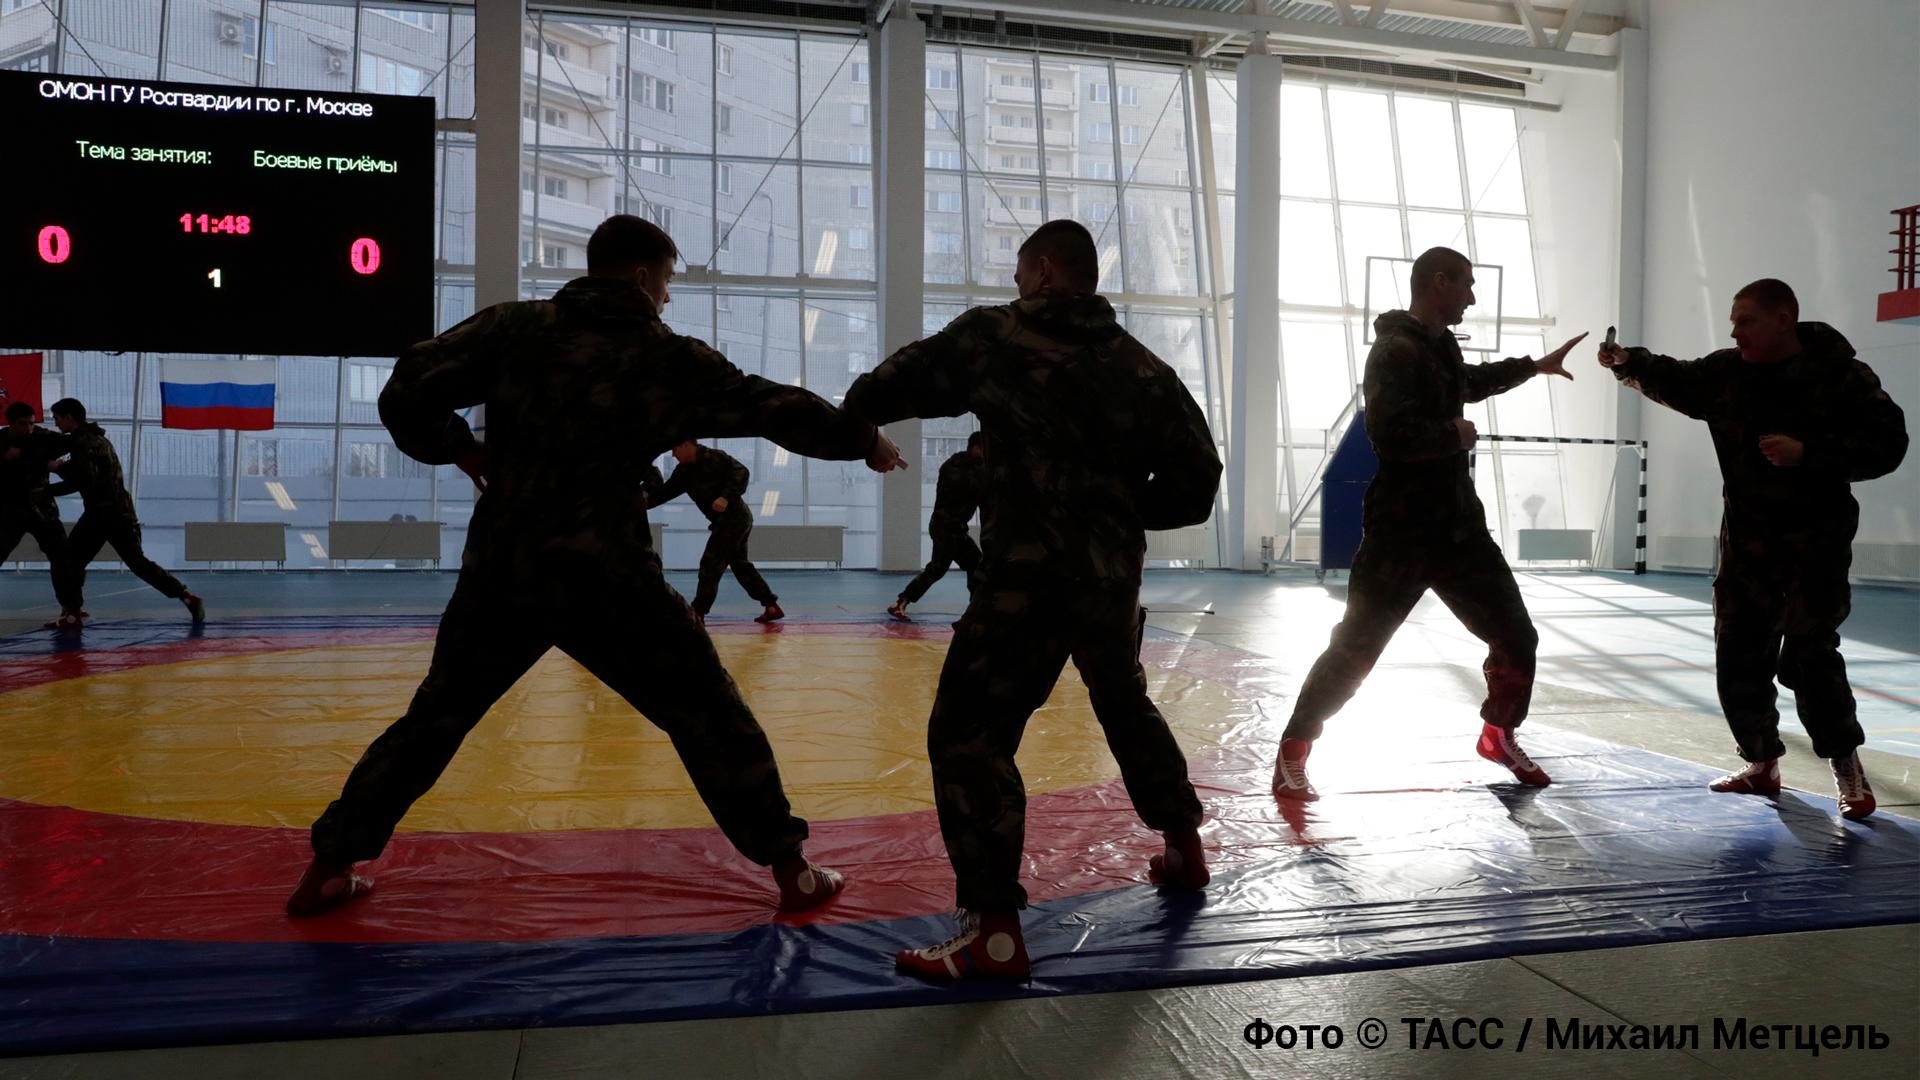 <p>Фото © ТАСС /Михаил Метцель</p>